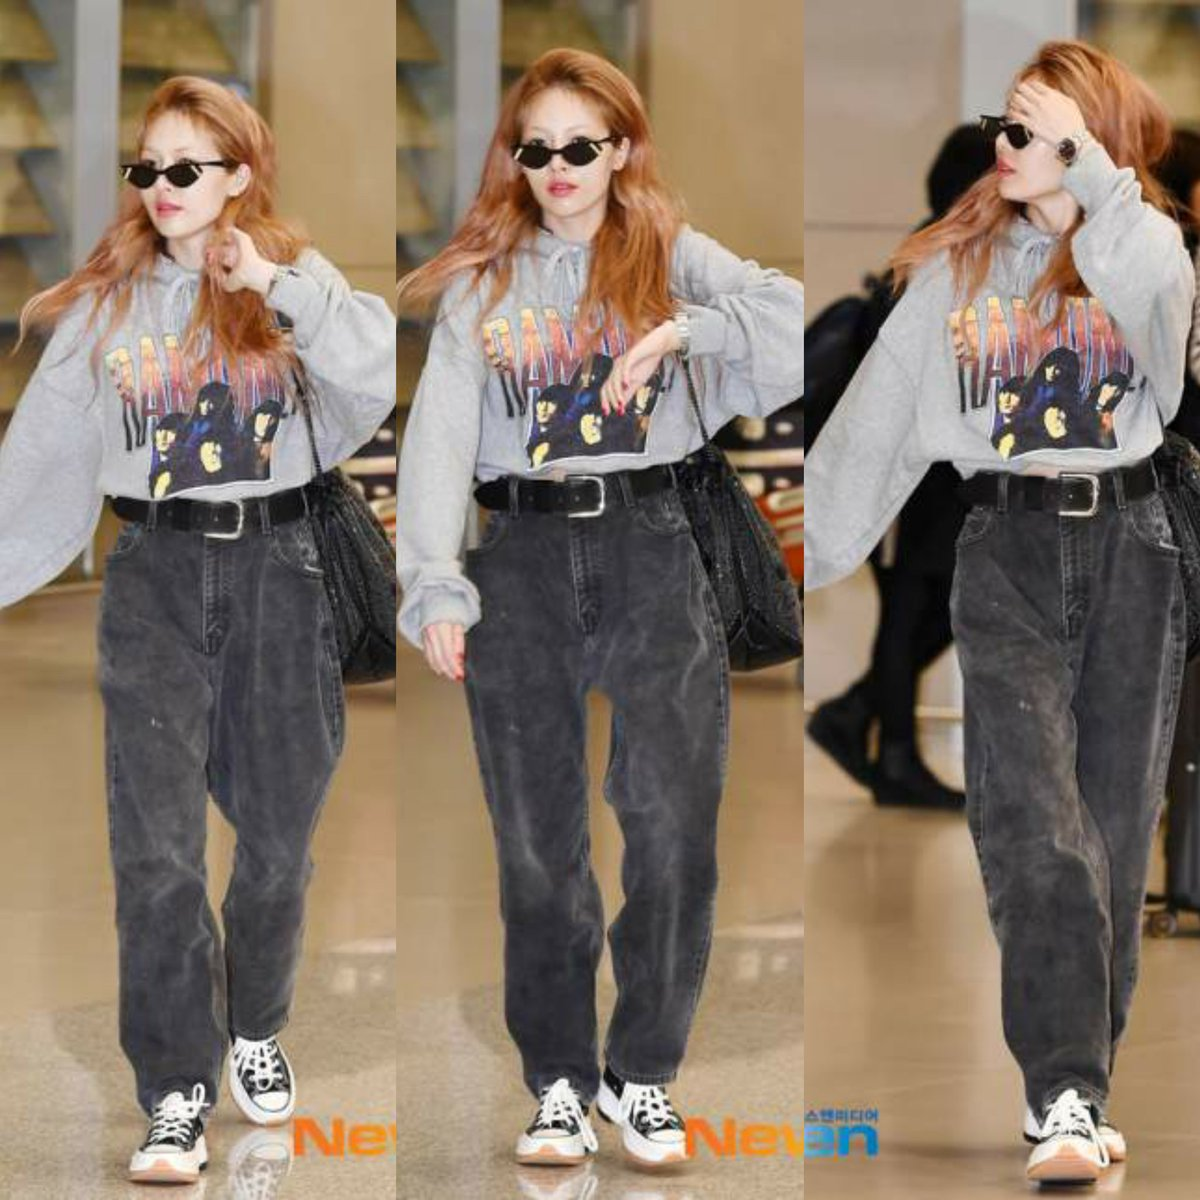 Sống sao cho vừa lòng netizen: Mặc đồ kín bưng không hở bạo Hyuna vẫn nhận gạch đá tưng bừng từ cư dân mạng ảnh 6